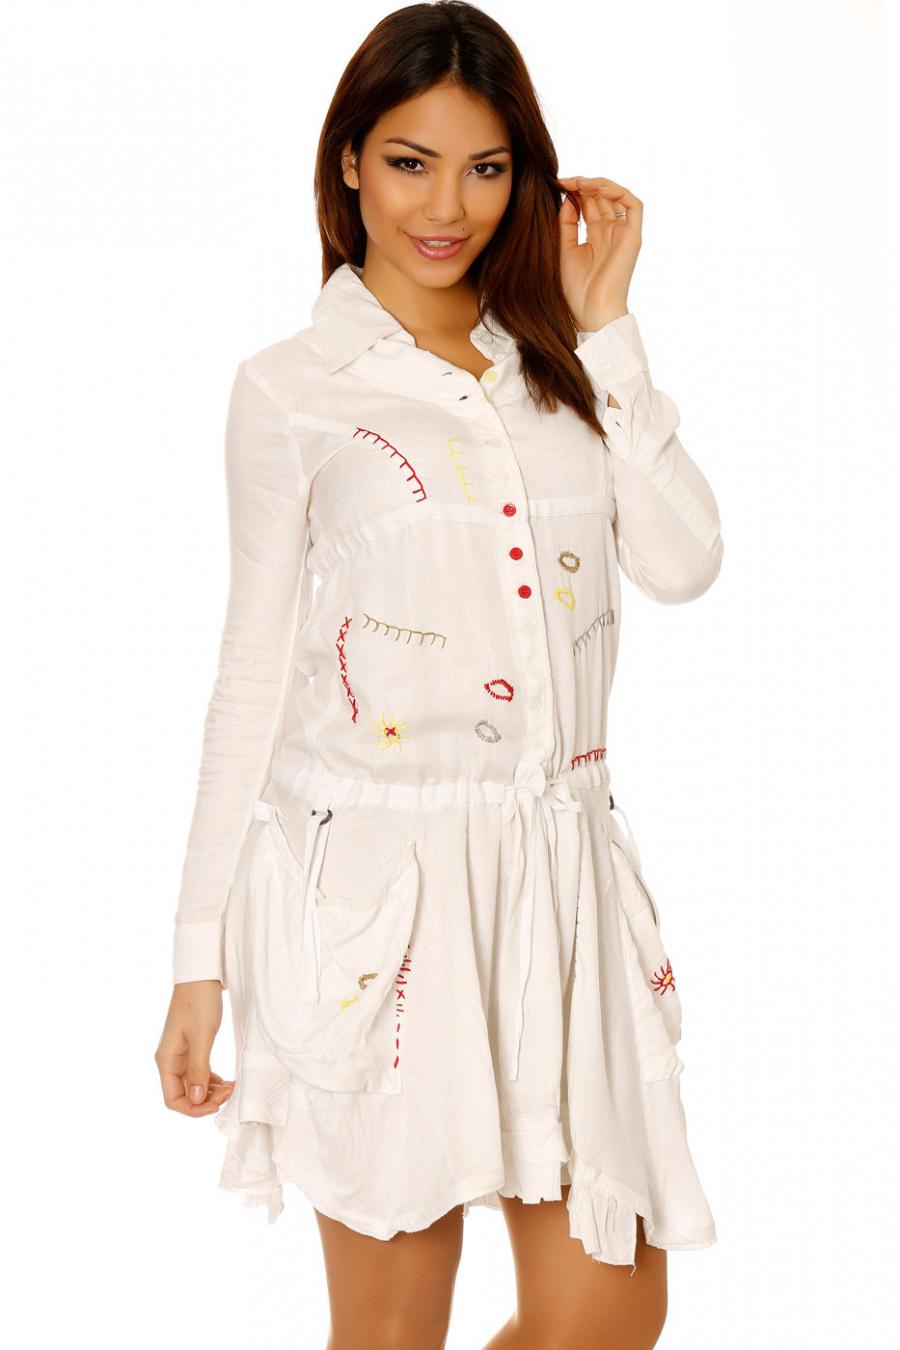 Robe tunique blanche boutonné avec broderie. Vêtement femme petit prix 921